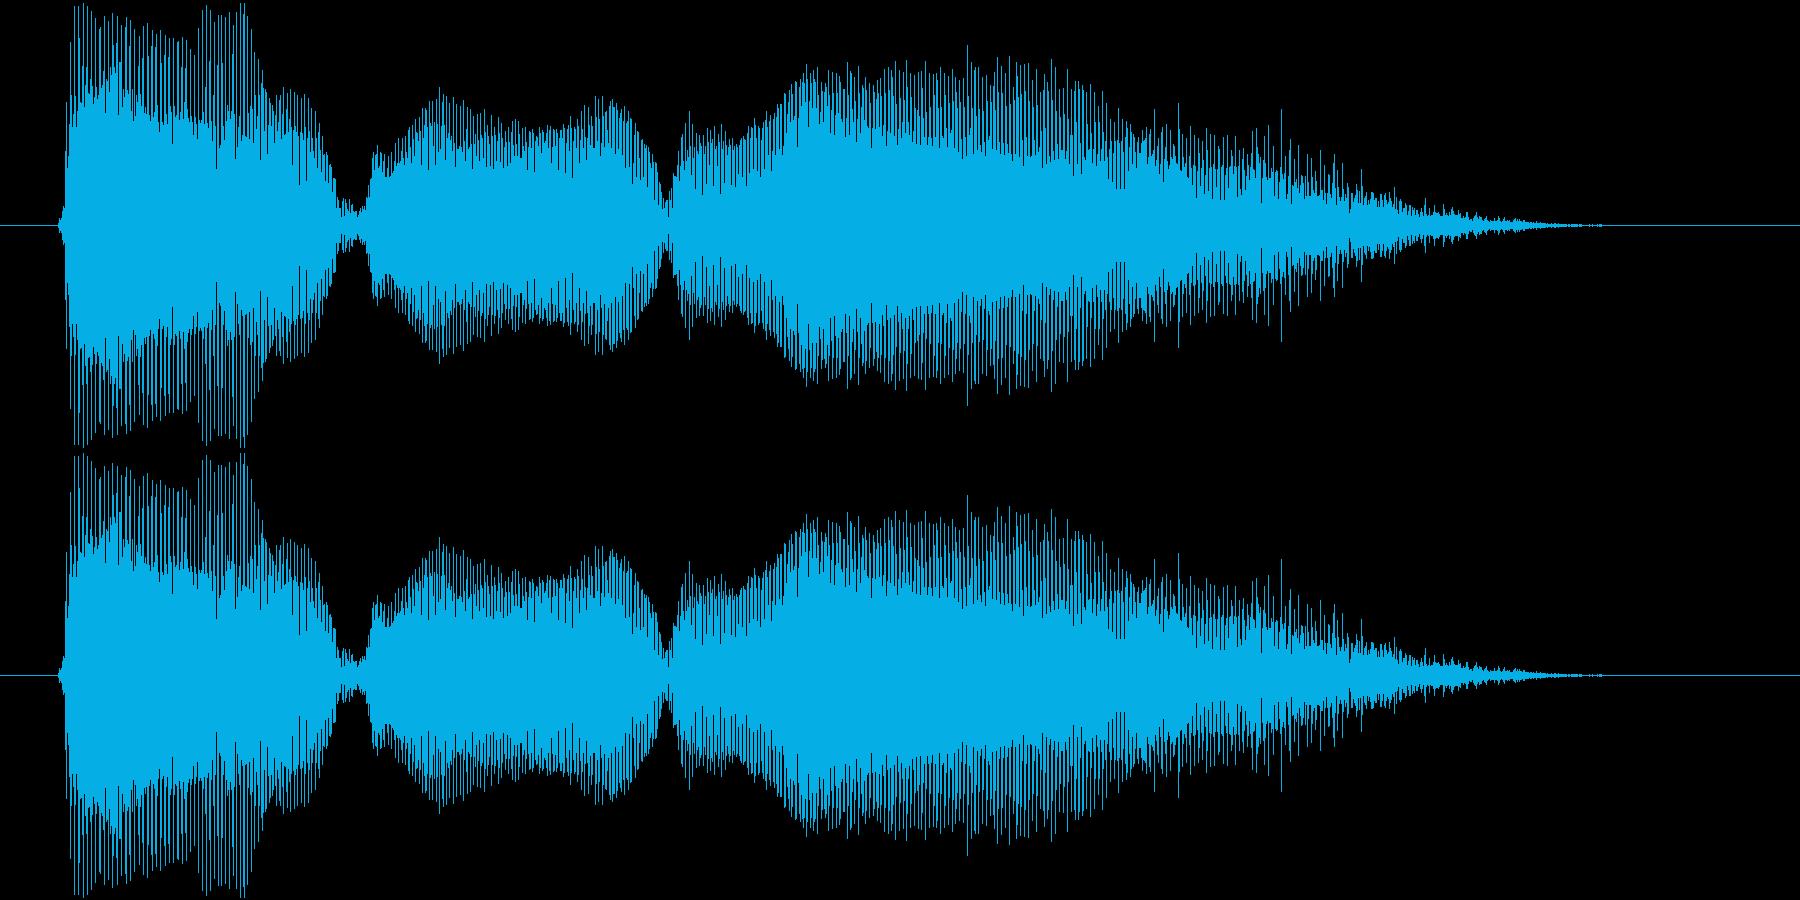 遊技機ゲーム用女性ボイス「ありゃりゃ」の再生済みの波形